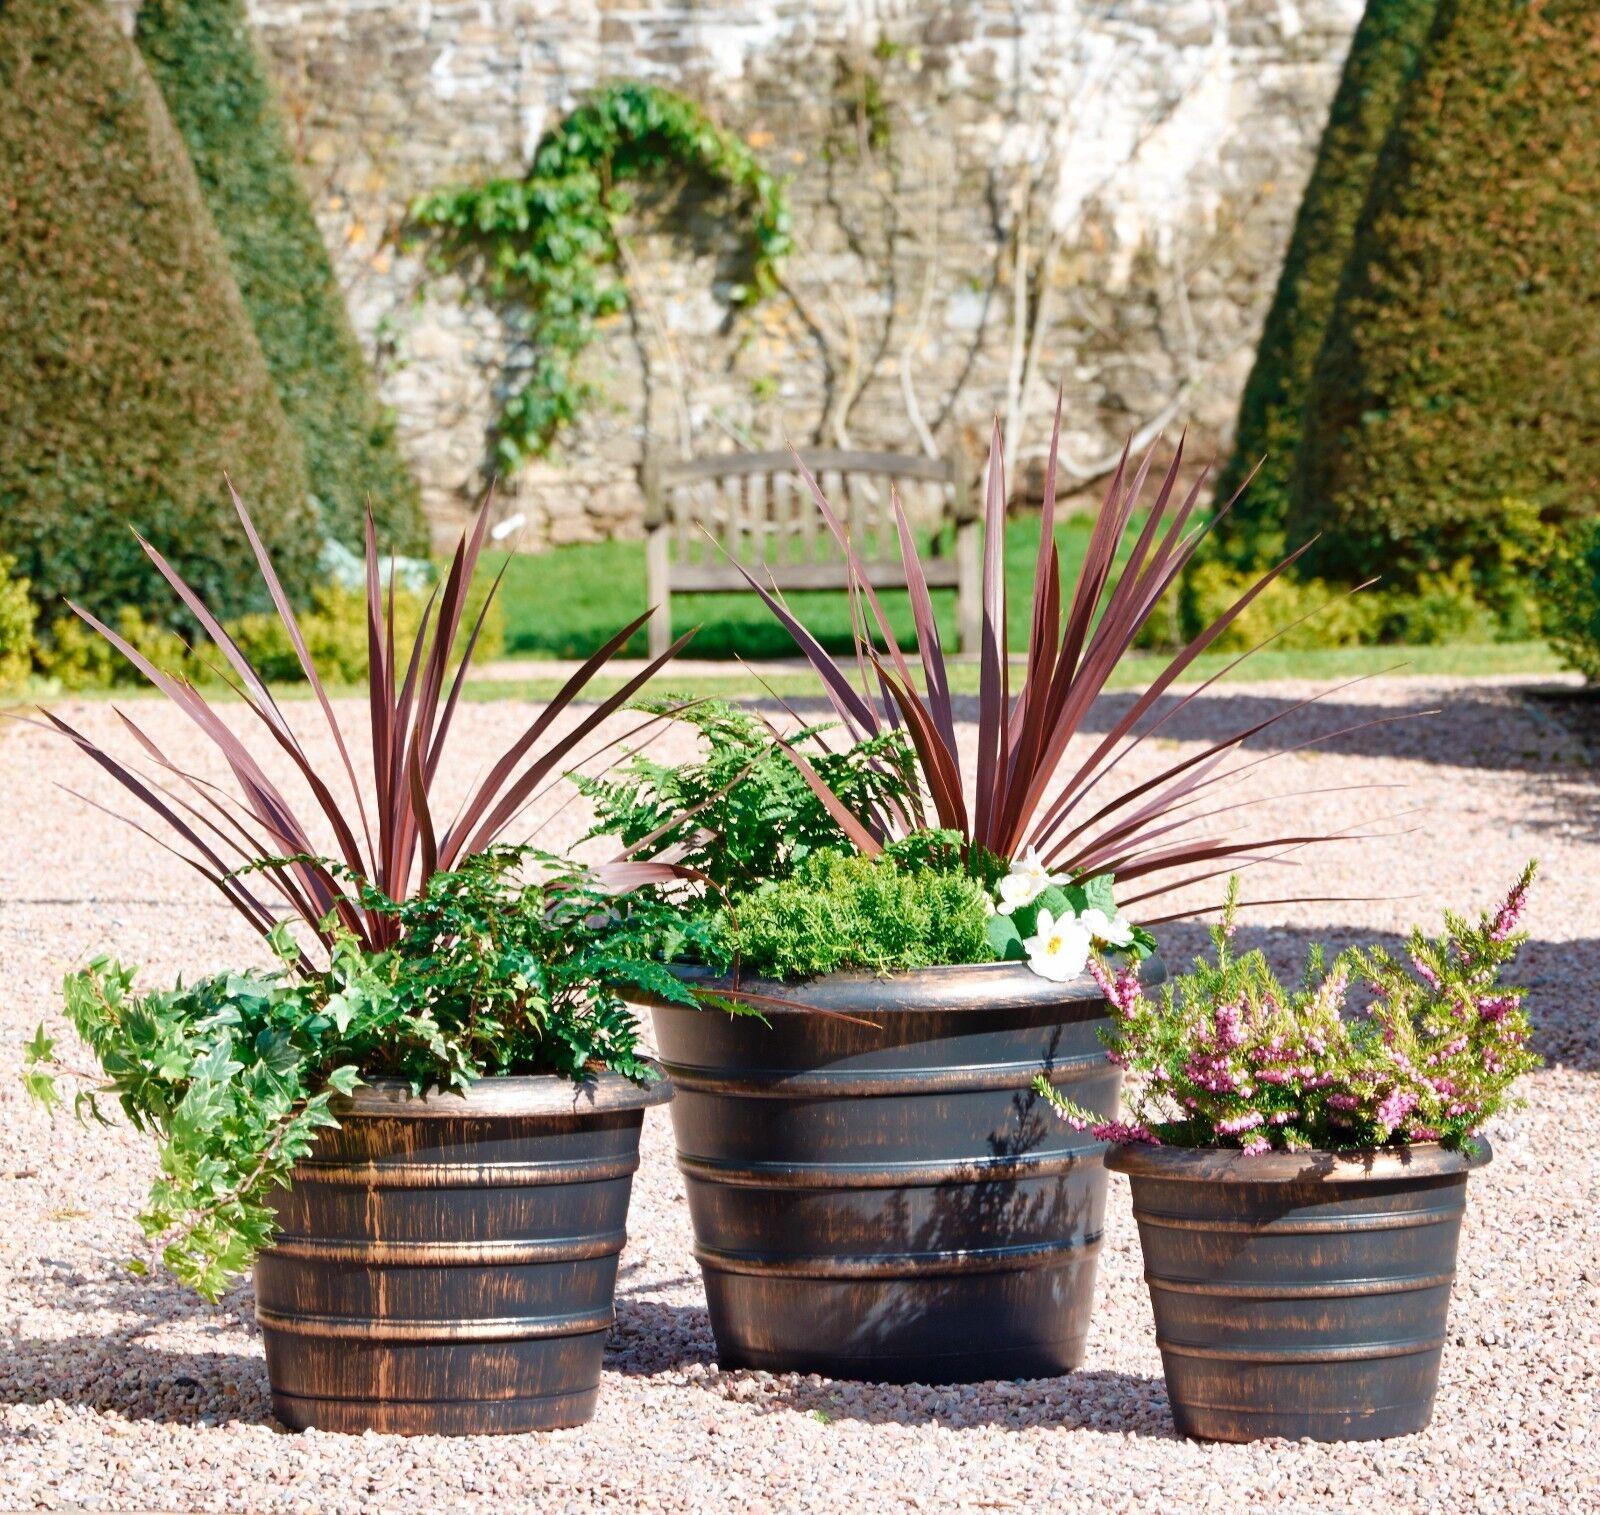 4 Pack Garden Plant Pots Set Plastic Planters Outdoor Indoor Bronze Effect NEW